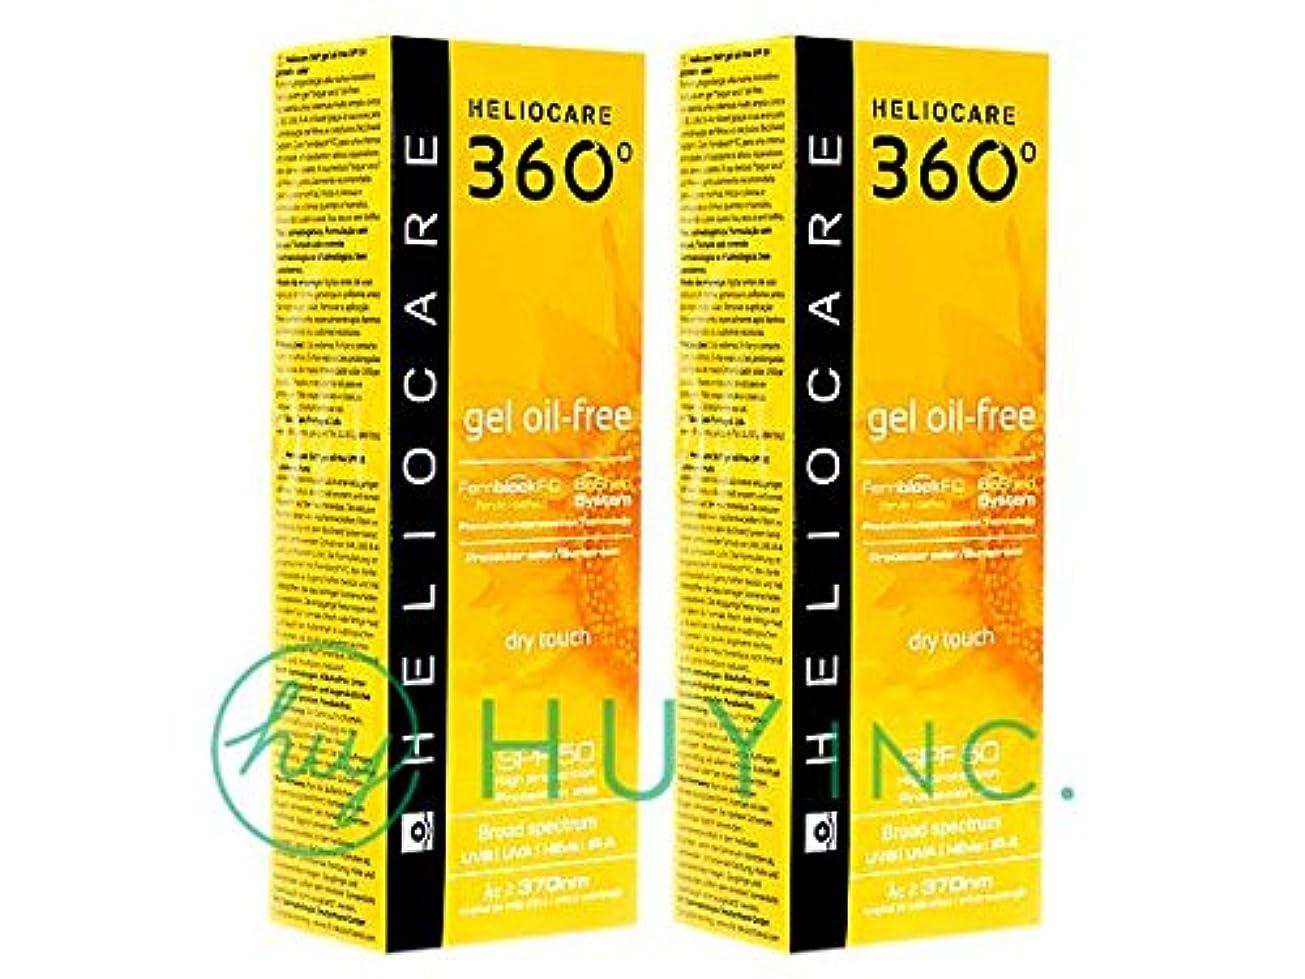 意図的予防接種懐疑的ヘリオケア 360°ジェルオイルフリー(Heliocare360GelOil-Free)SPF50 2ボトル(50ml×2) [並行輸入品]